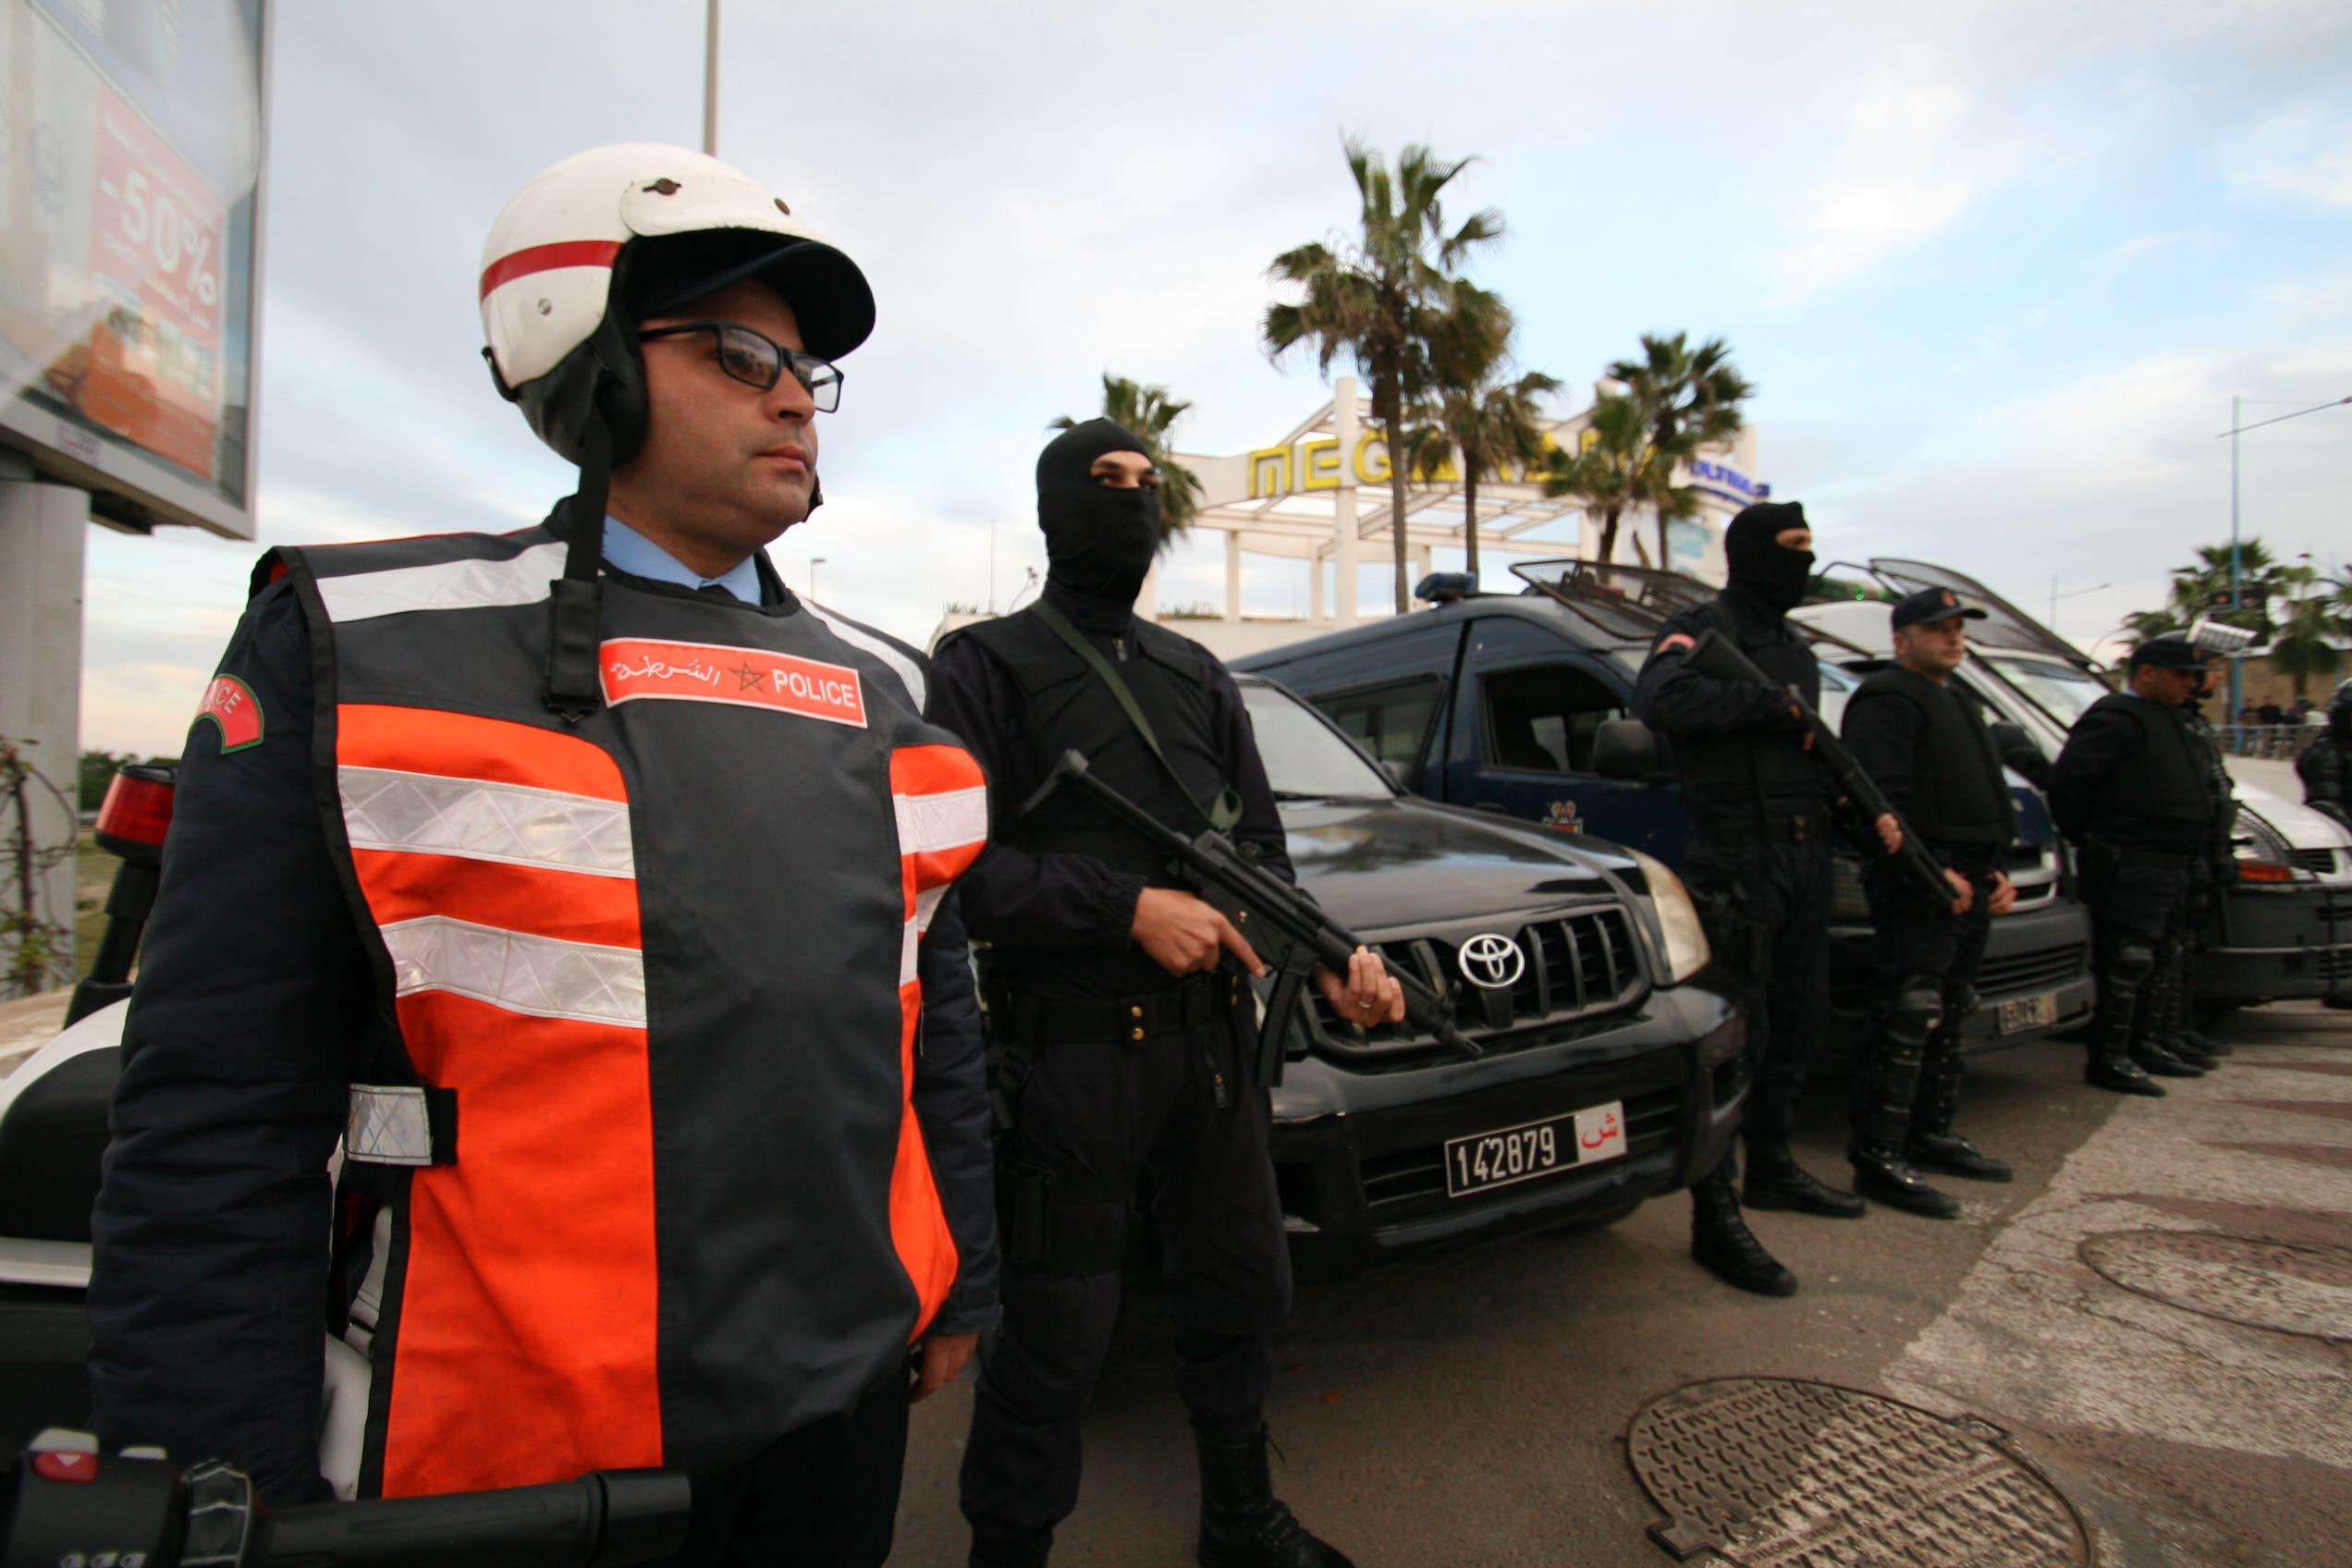 Moroccan Special Forces/Forces spéciales marocaines  :Videos et Photos : BCIJ, Gendarmerie Royale ,  - Page 9 2f0210c6-5fc0-4675-9059-a1d0fe399bc0